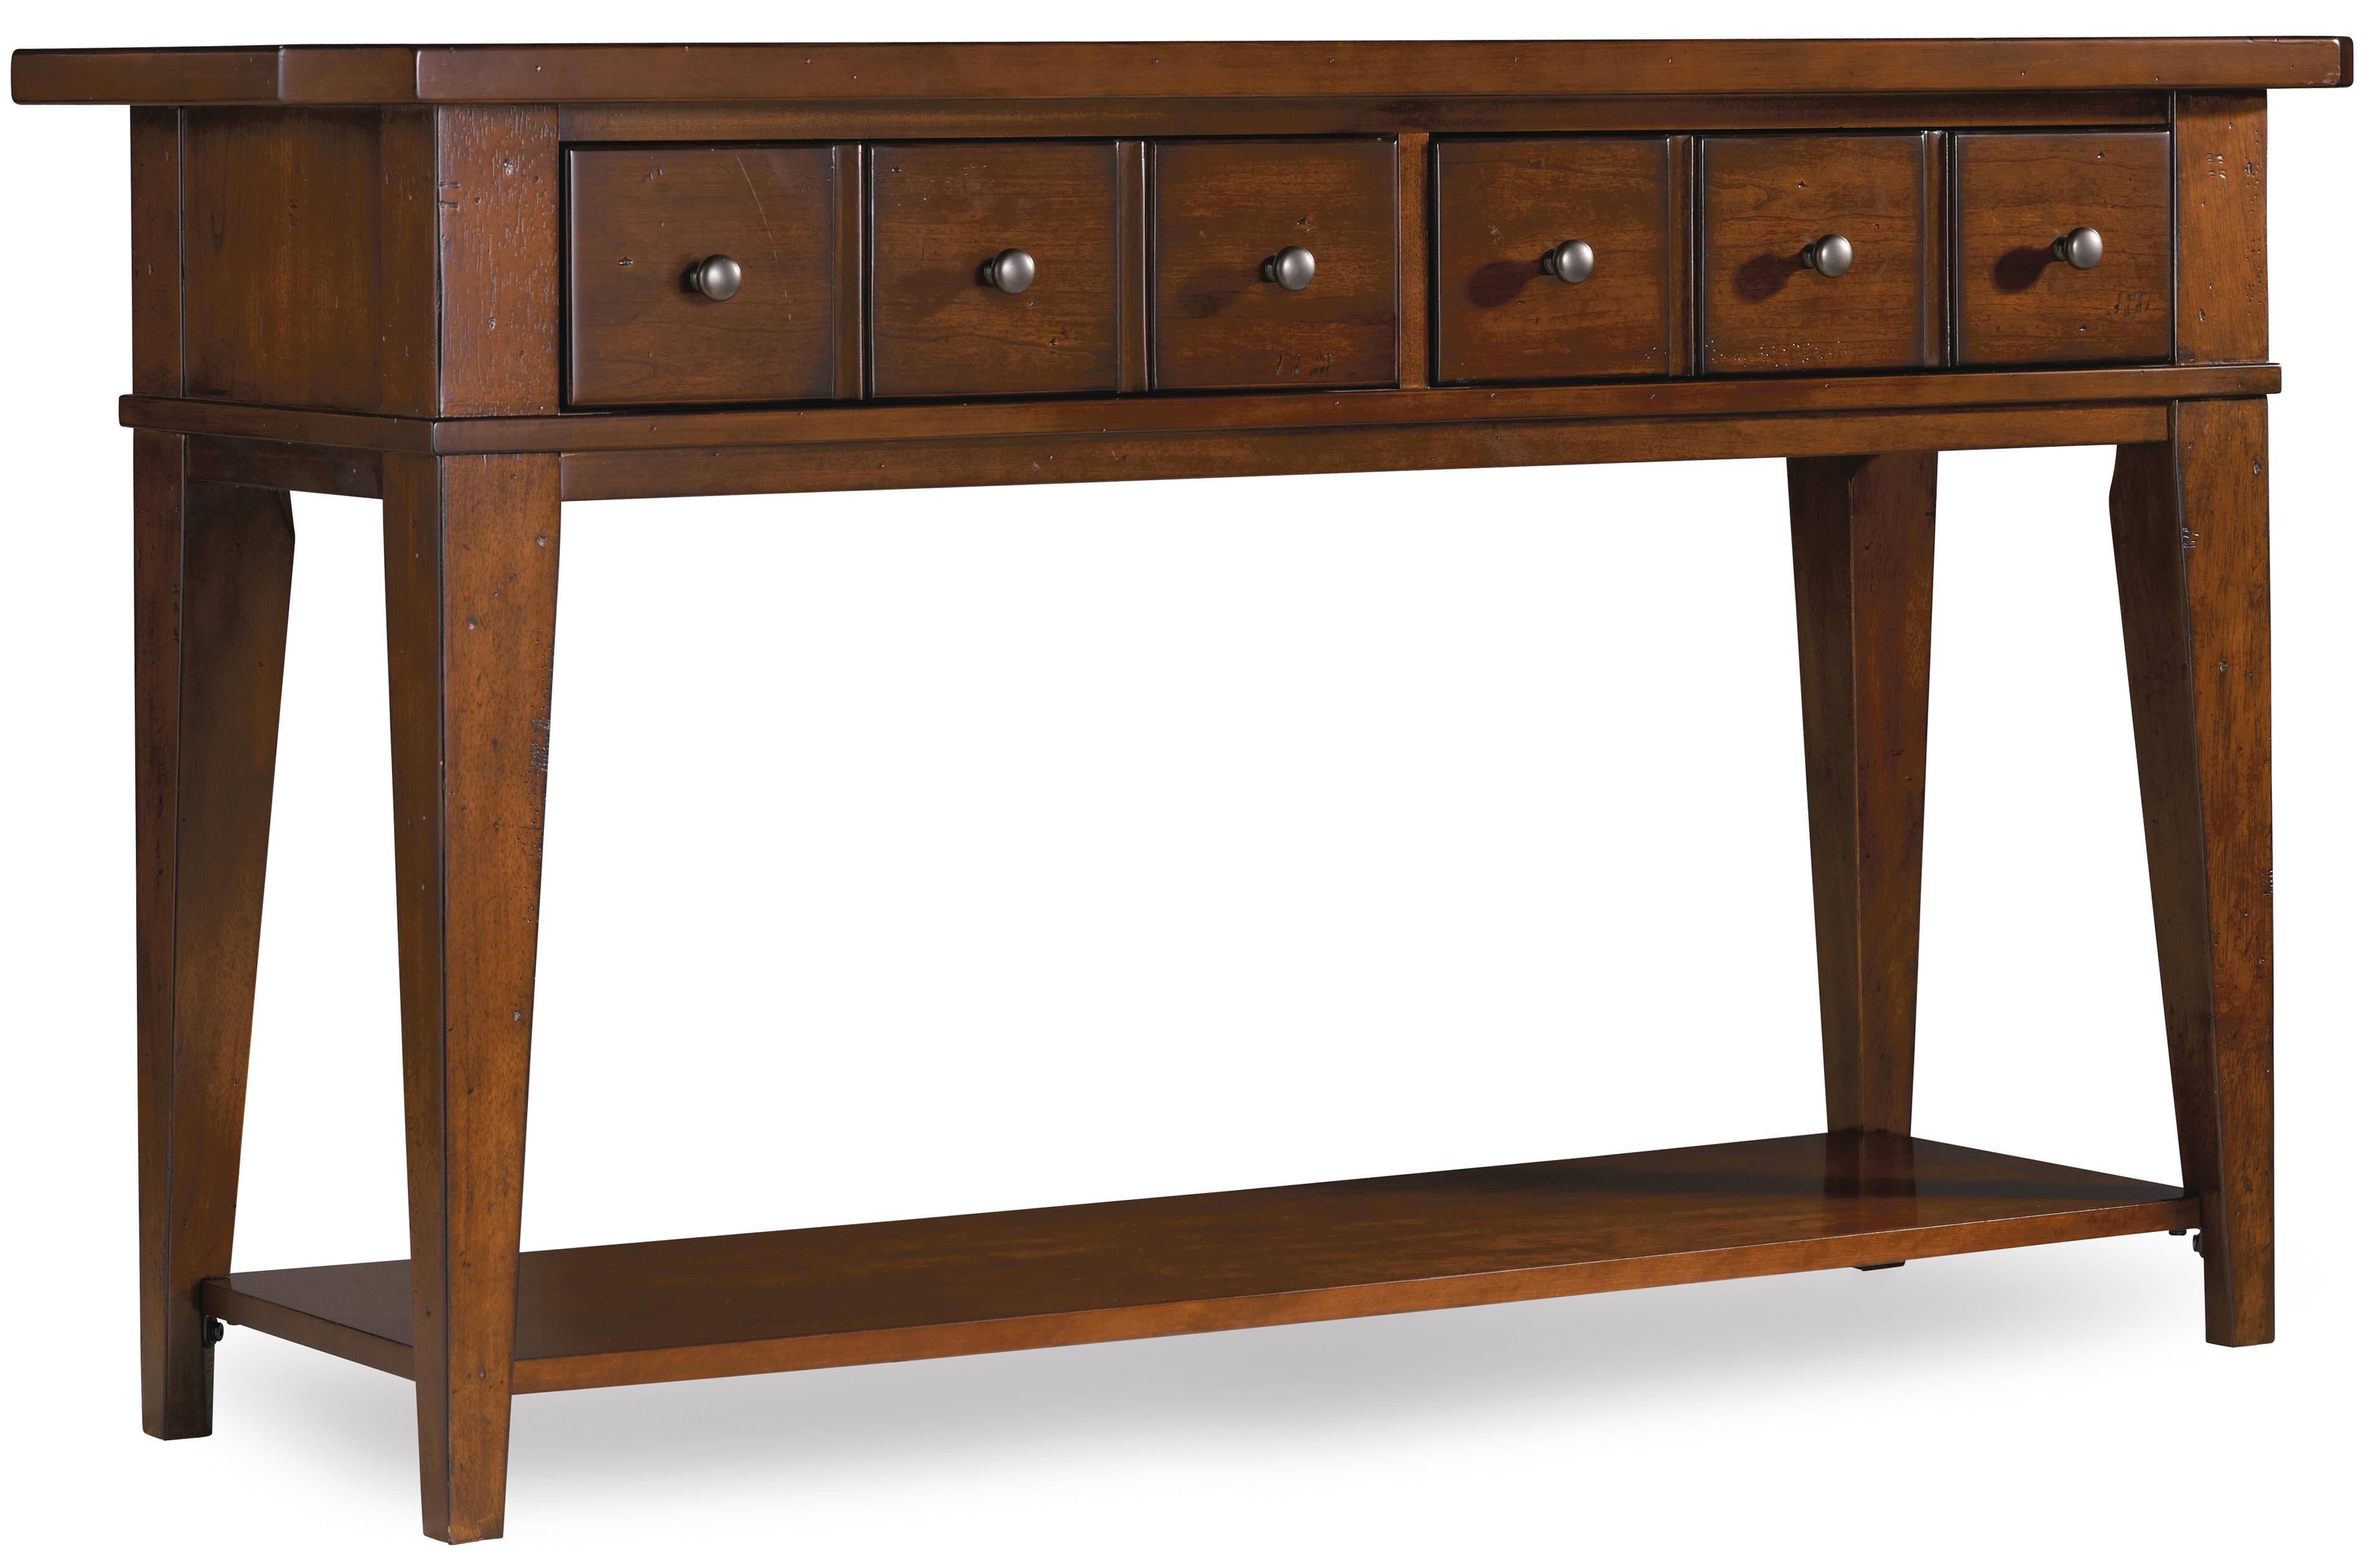 Hooker Furniture Wendover Sofa Table - Item Number: 1037-81151